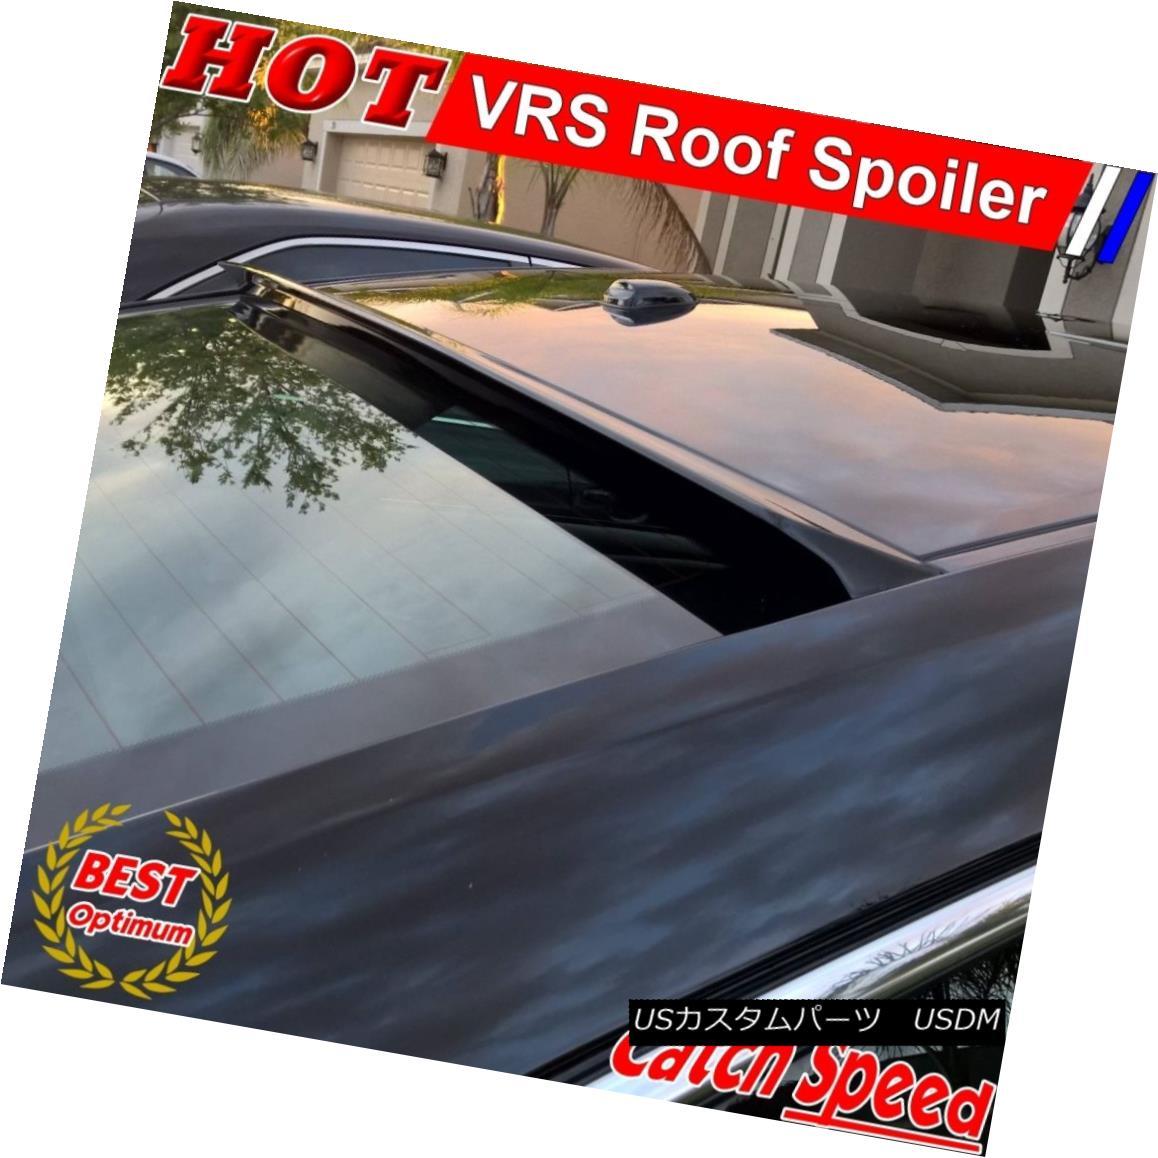 エアロパーツ Flat Black VRS Rear Roof Spoiler Wing For Dodge SRT-4 Sedan 2003 2004 2005 ドッジSRT-4セダン用フラットブラックVRSリアルーフスポイラーウイング2003 2004 2005